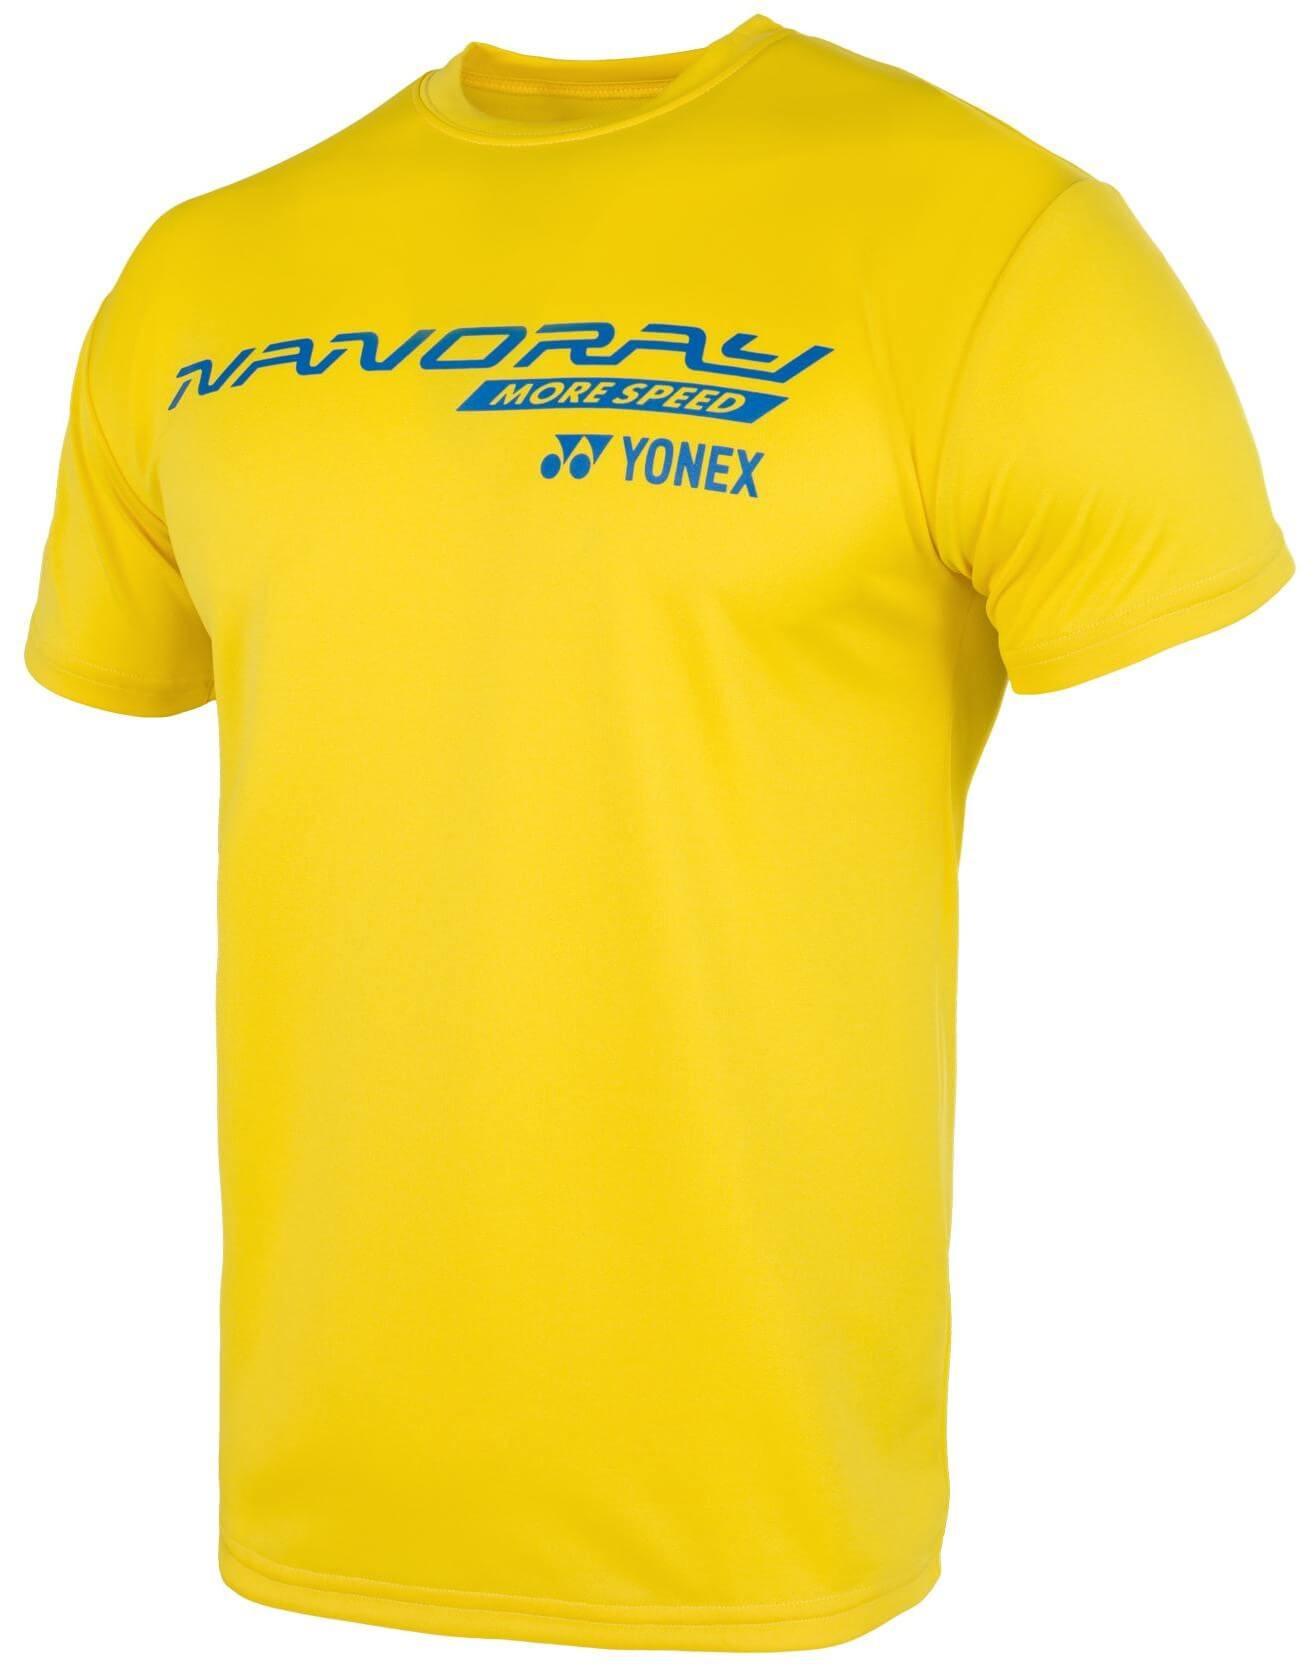 6546190d76ceb Les polos, t-shirts et sweats de badminton - +2Bad